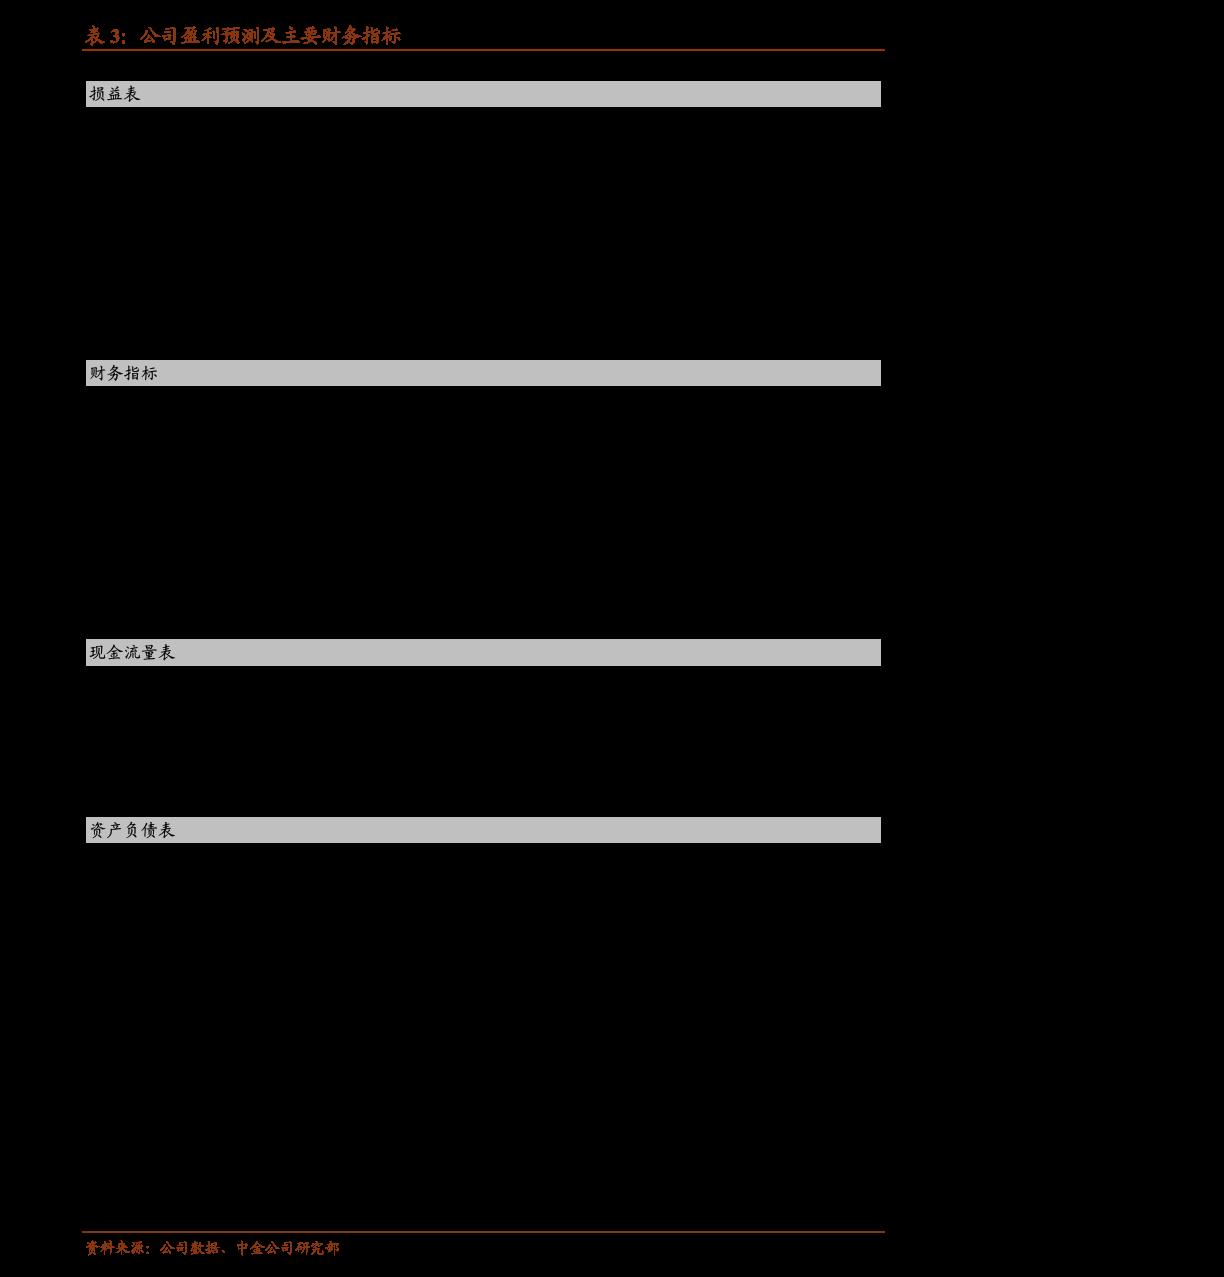 中泰雷火电竞平台-紫金矿业-601899-矿业龙头,成长进入加速期-201022